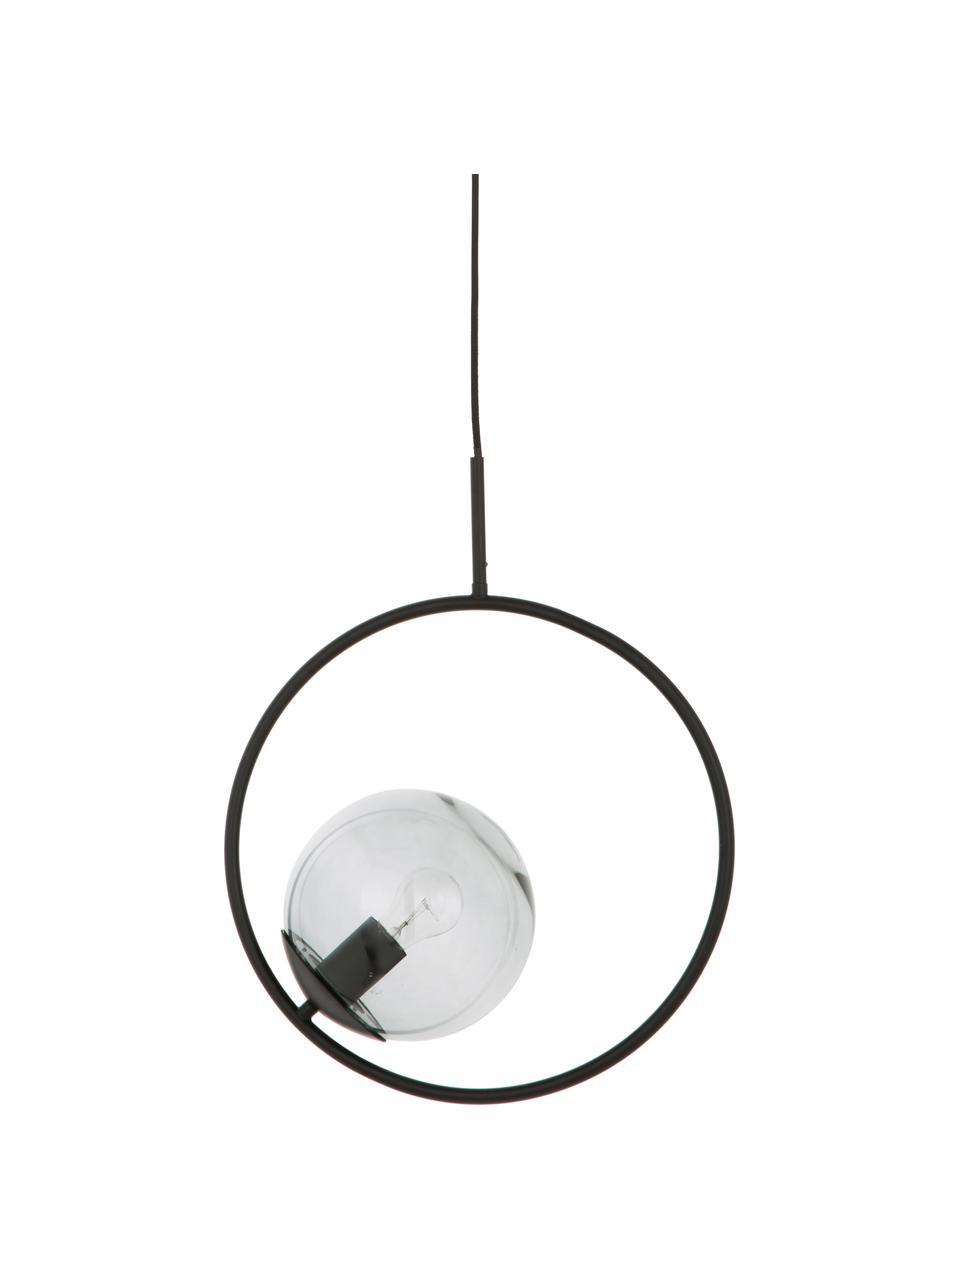 Lampa wisząca ze szkła dymnego Chloe, Szary, czarny, S 40 x W 51 cm